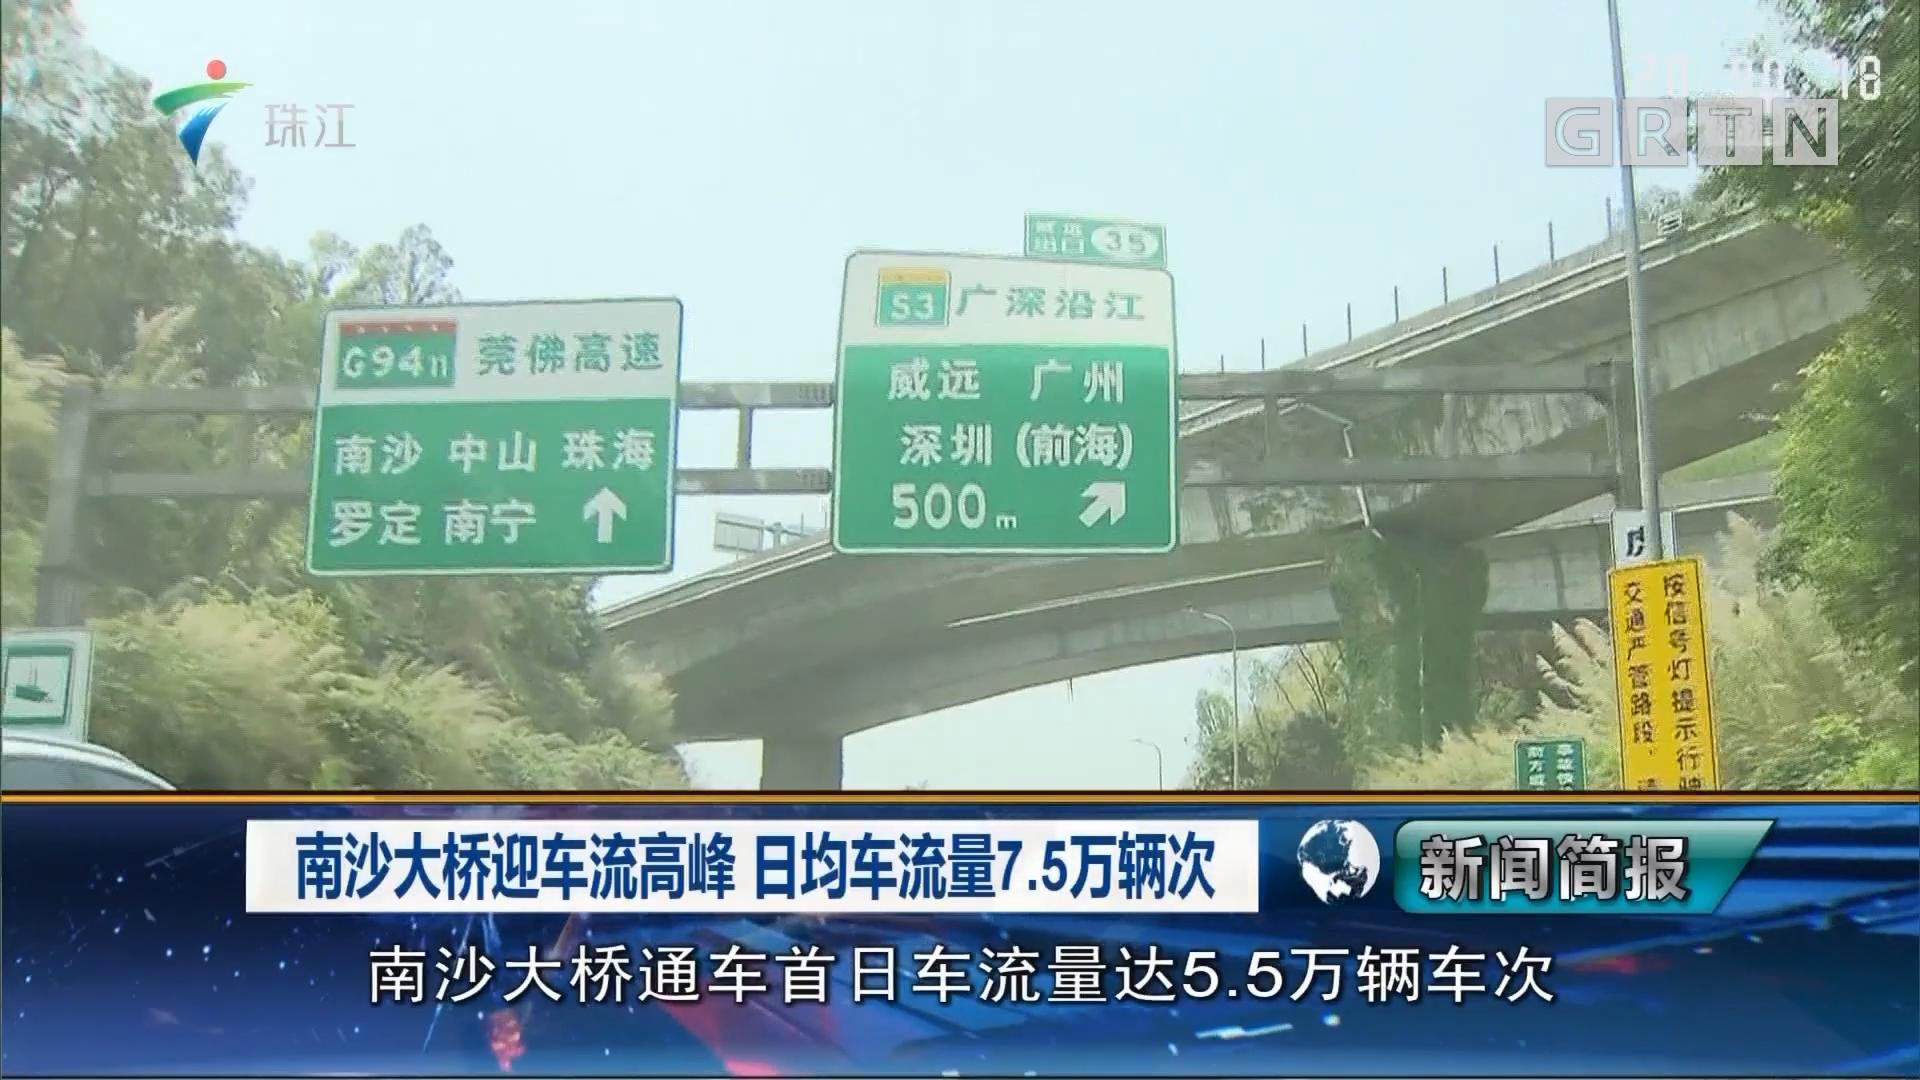 南沙大桥迎车流高峰 日均车流量7.5万辆次